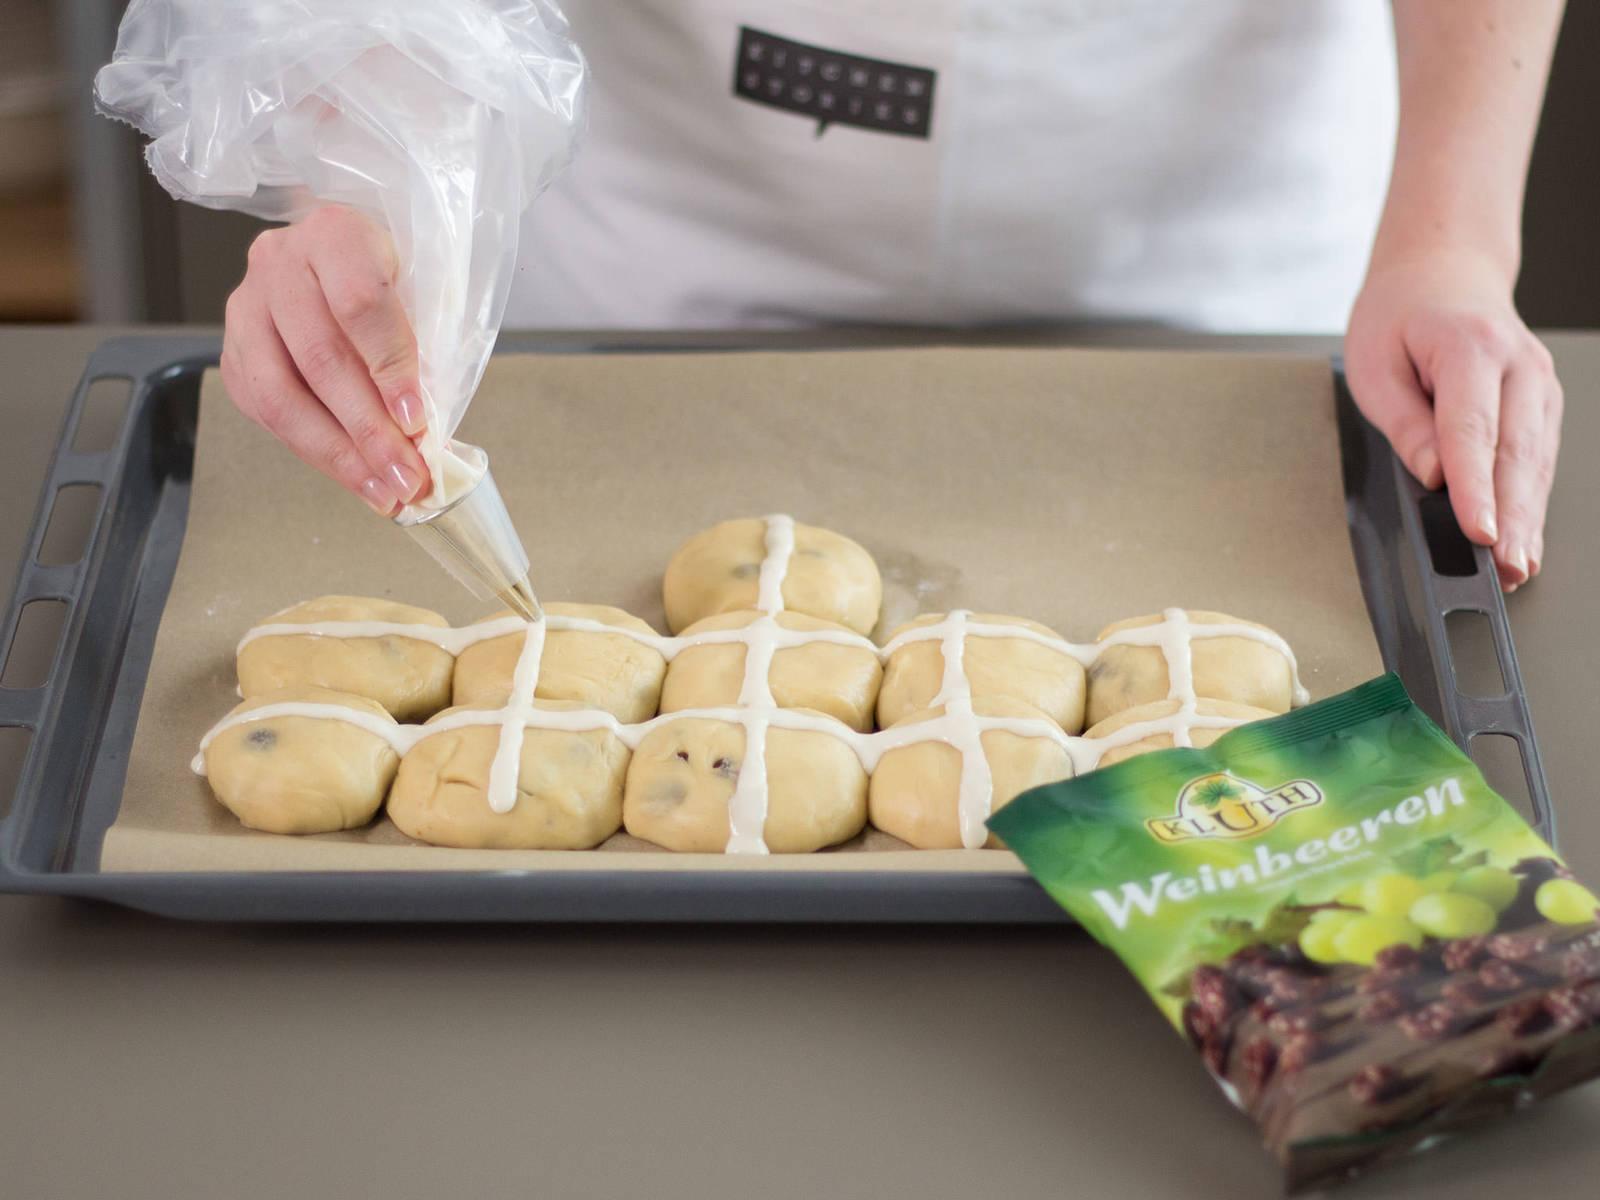 将糖衣挤到面团上,做出十字状。将面团放到预热好的烤箱中,以200度烘焙20-25分钟,至面团外表呈金黄色。可以抹上黄油和果酱享用!